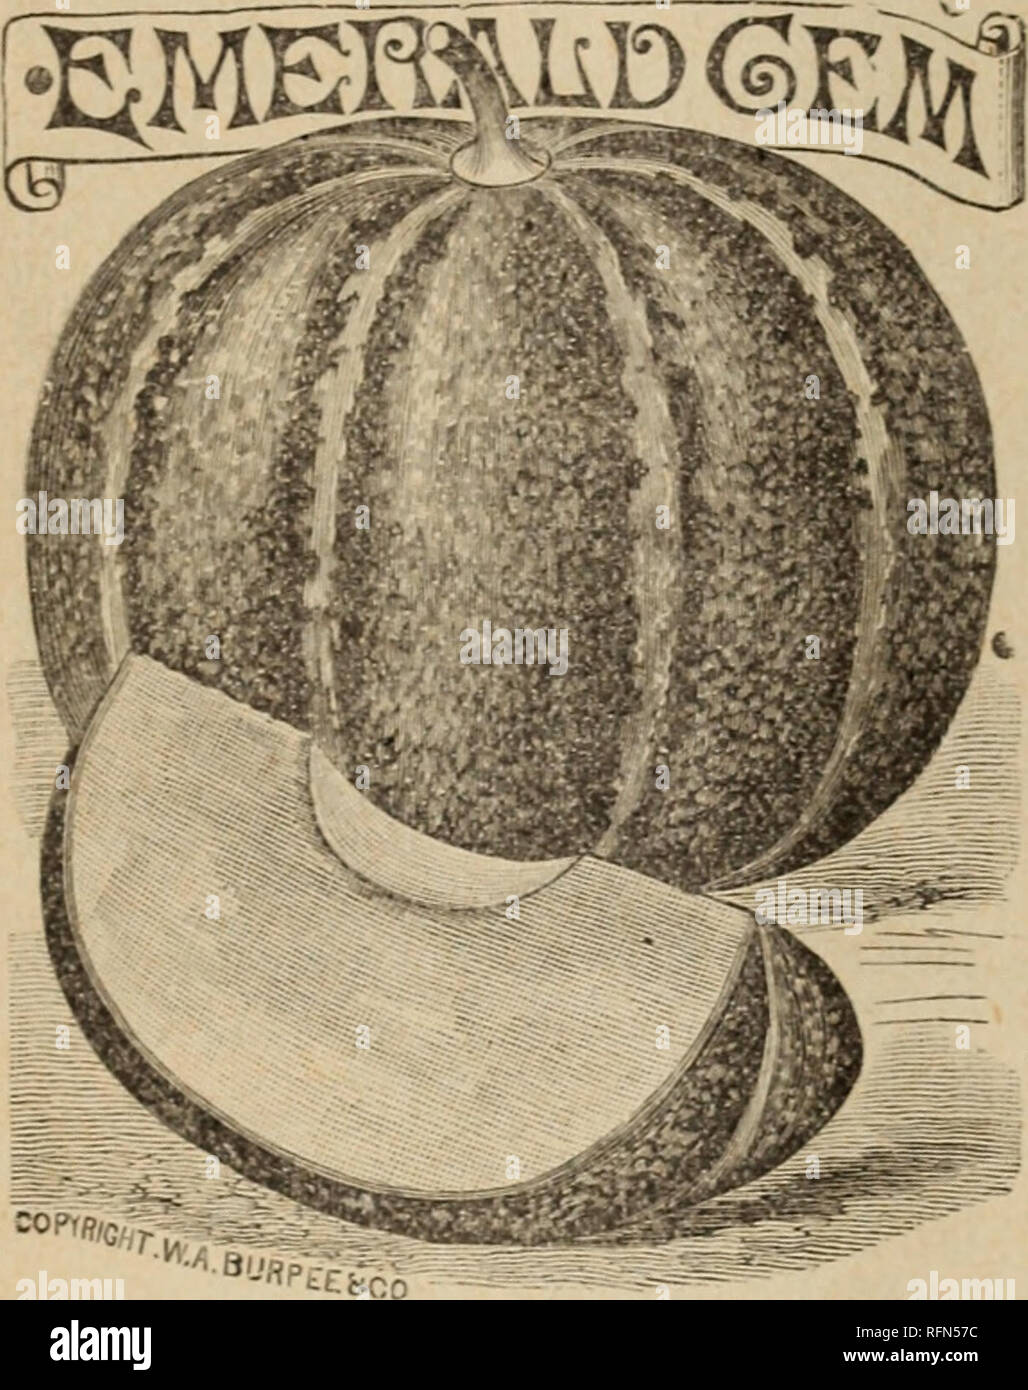 30771f6efd . Retail catálogo de semillas. Viveros Catálogos de Iowa  catálogos de  semillas de hortalizas